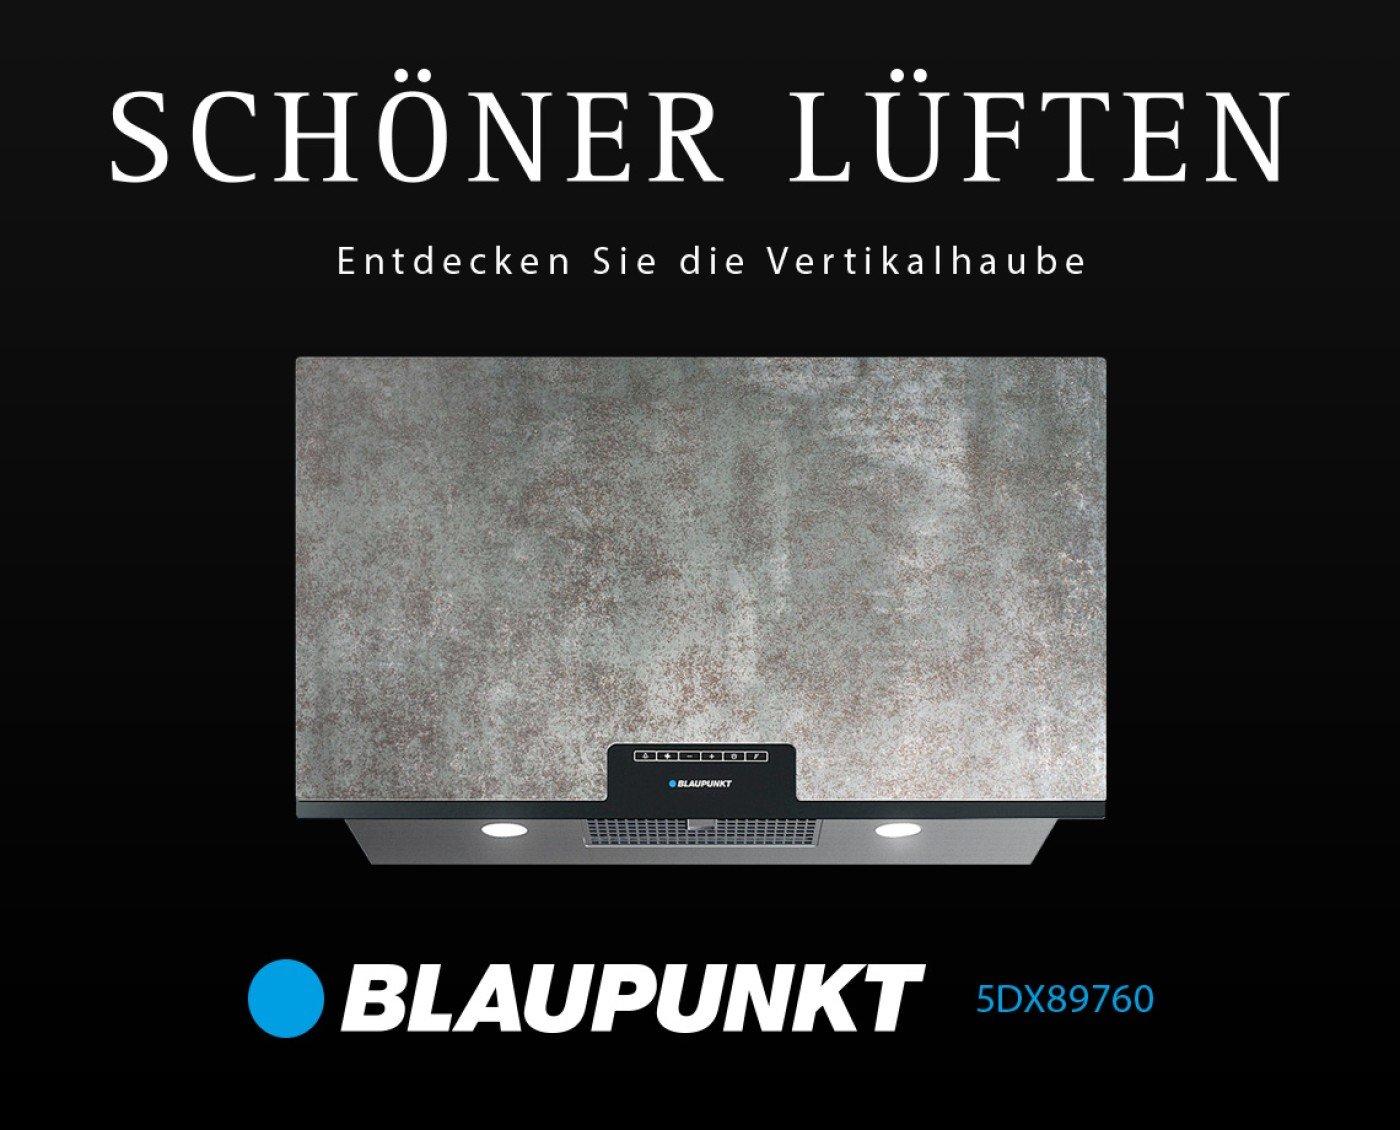 Blaupunkt Lüfter 5DX89760 mit Glas- oder Keramikfront